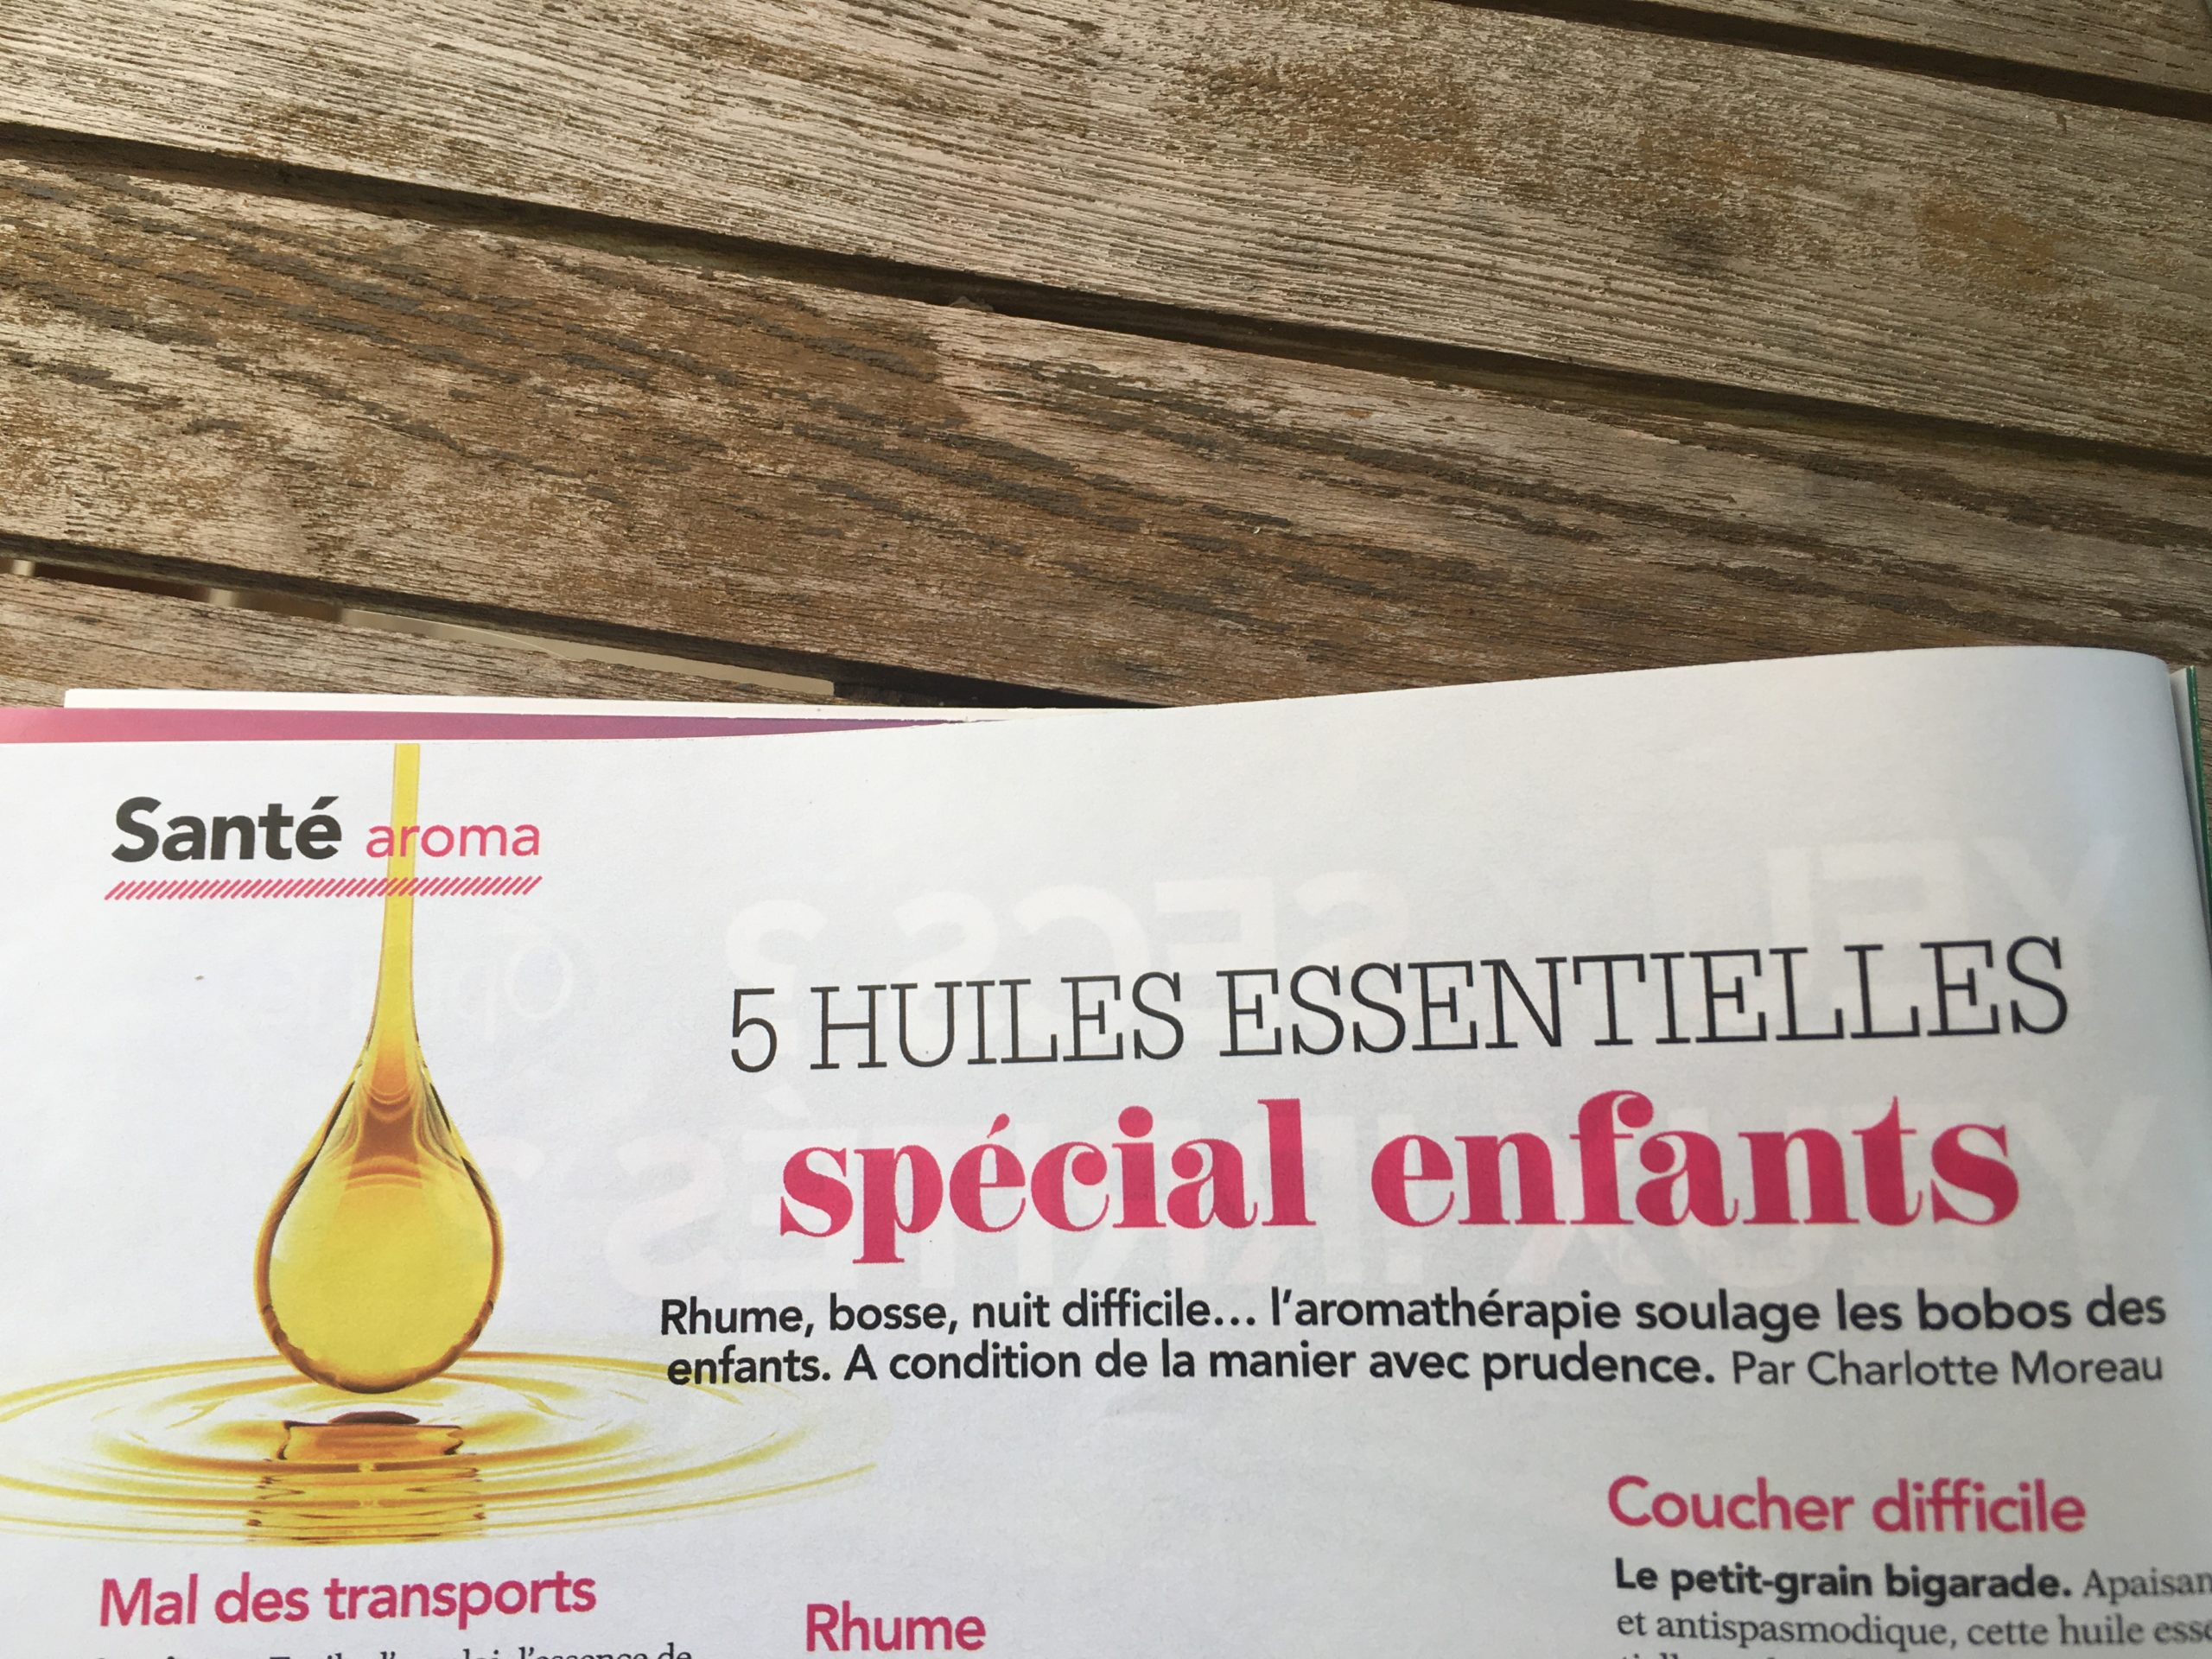 Article Femme actuelle - 5 huiles essentielles spécial enfants